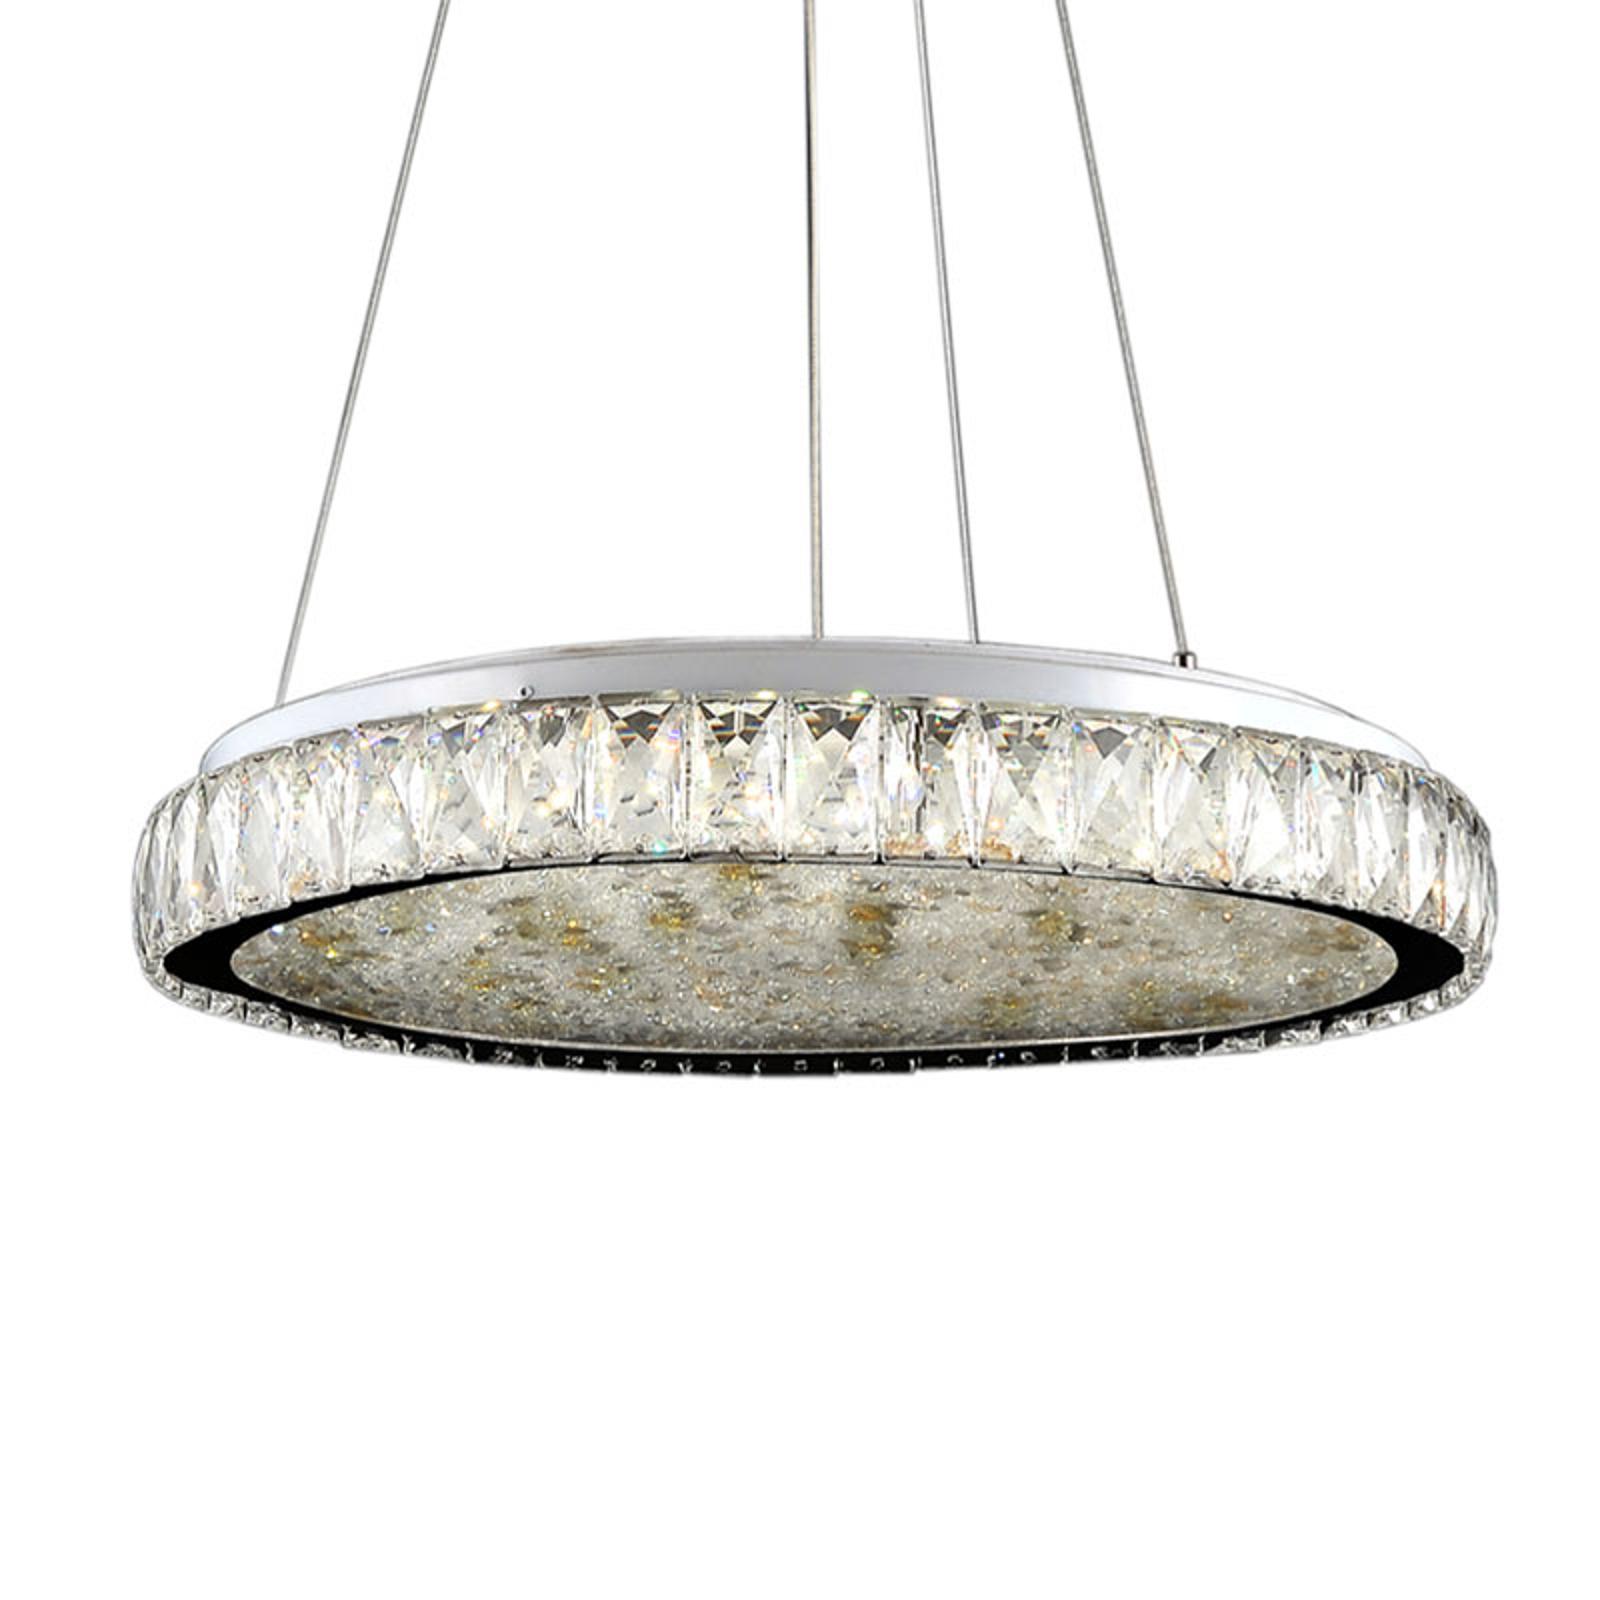 Lampa wisząca LED Dana z kryształami